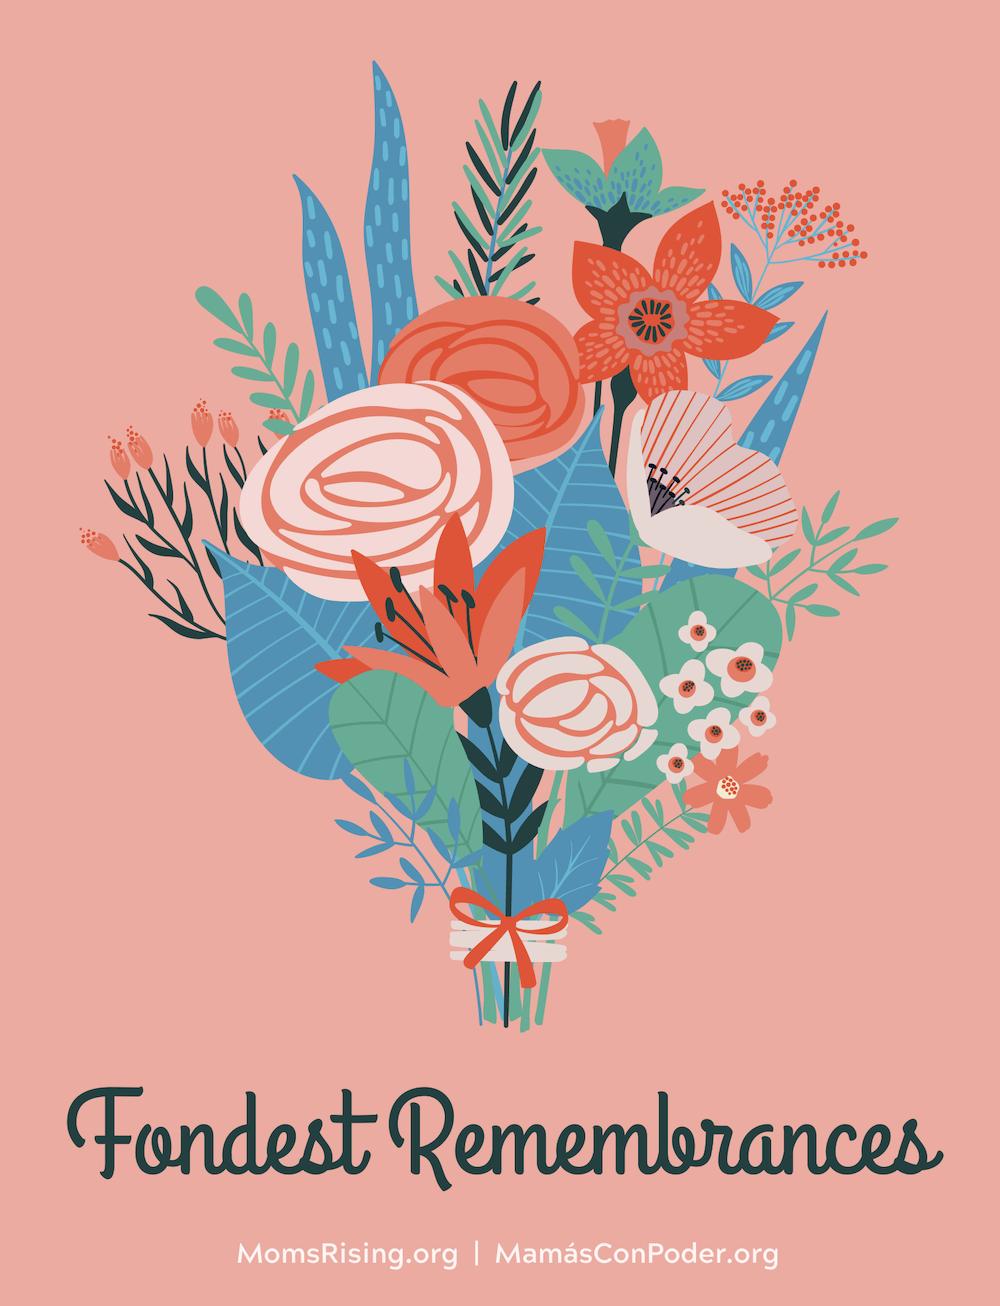 Fondest Remembrances